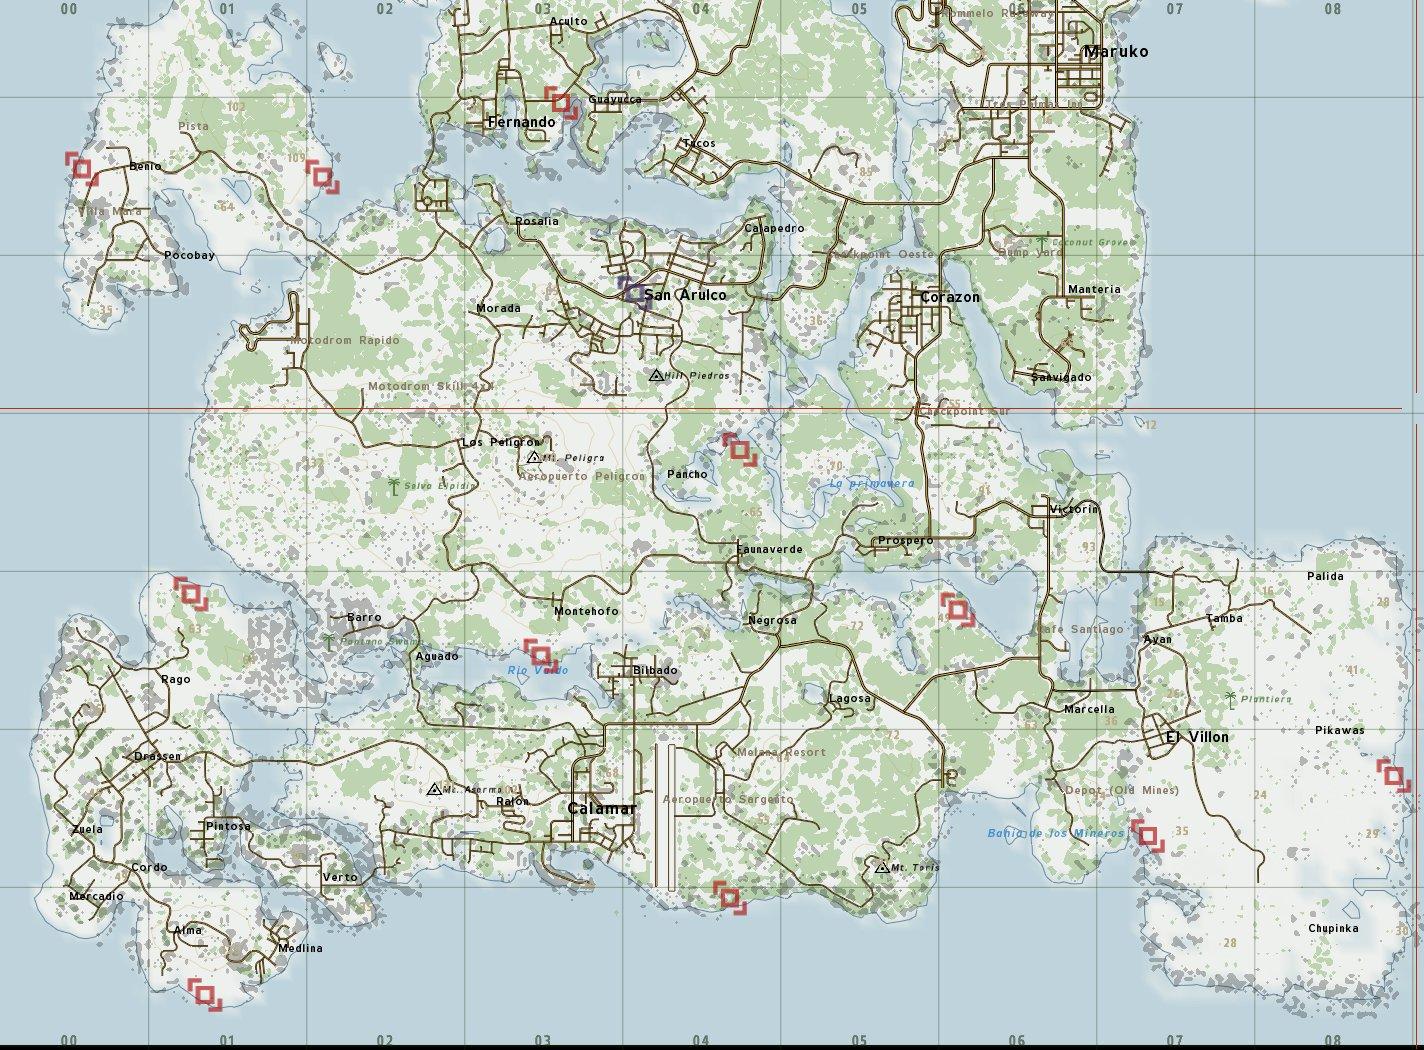 6.75b ai map